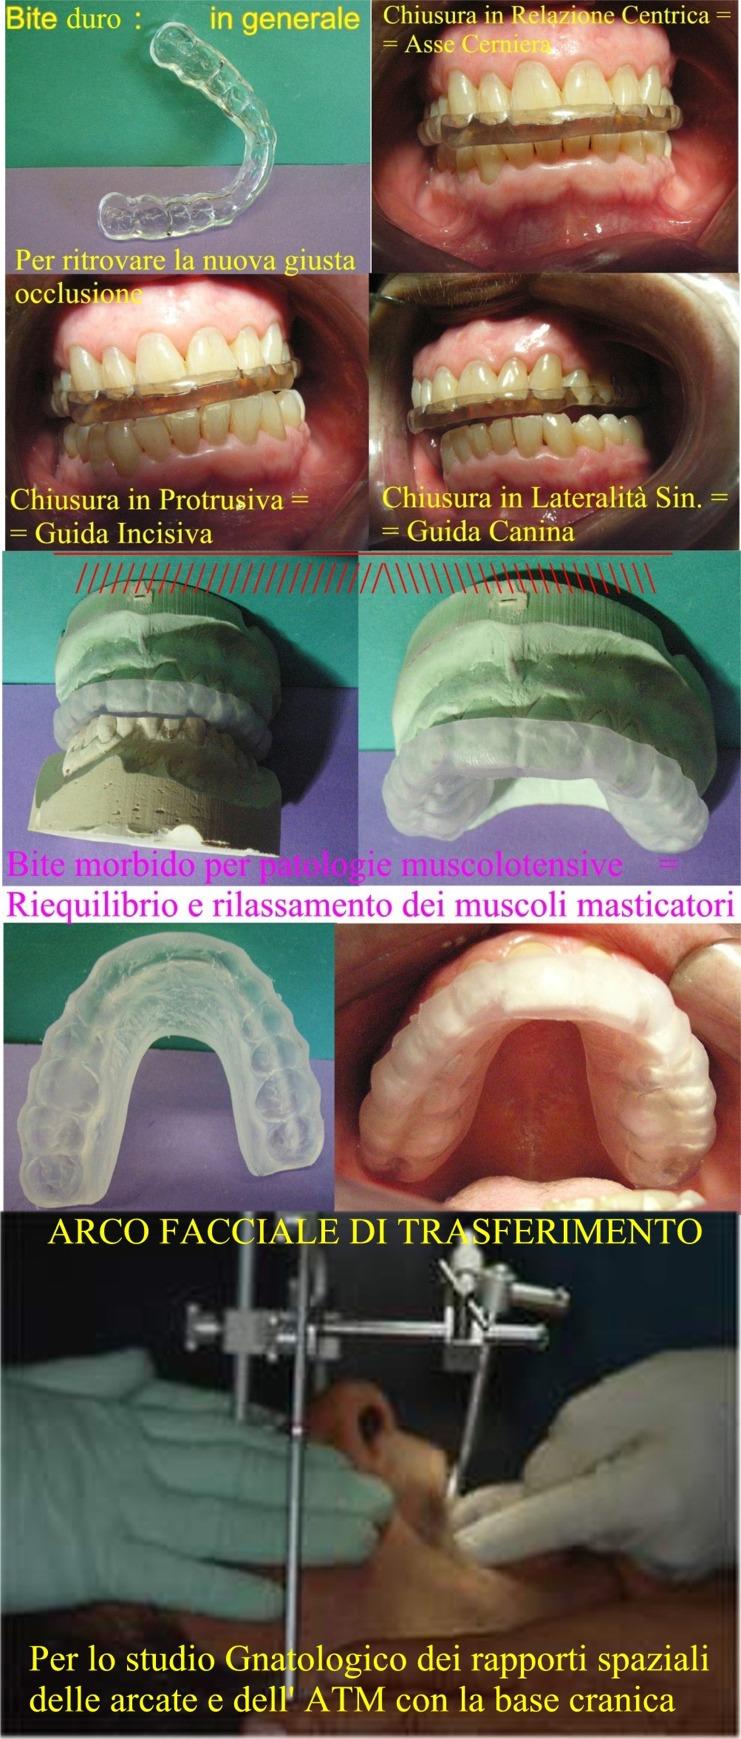 Diversi tipi di Bite e Arco Facciale di Trasferimento nella cDiagnosi Gnatologica. Da casistica del Dr. Gustavo Petti Gnatologo e Parodontologo di Cagliari